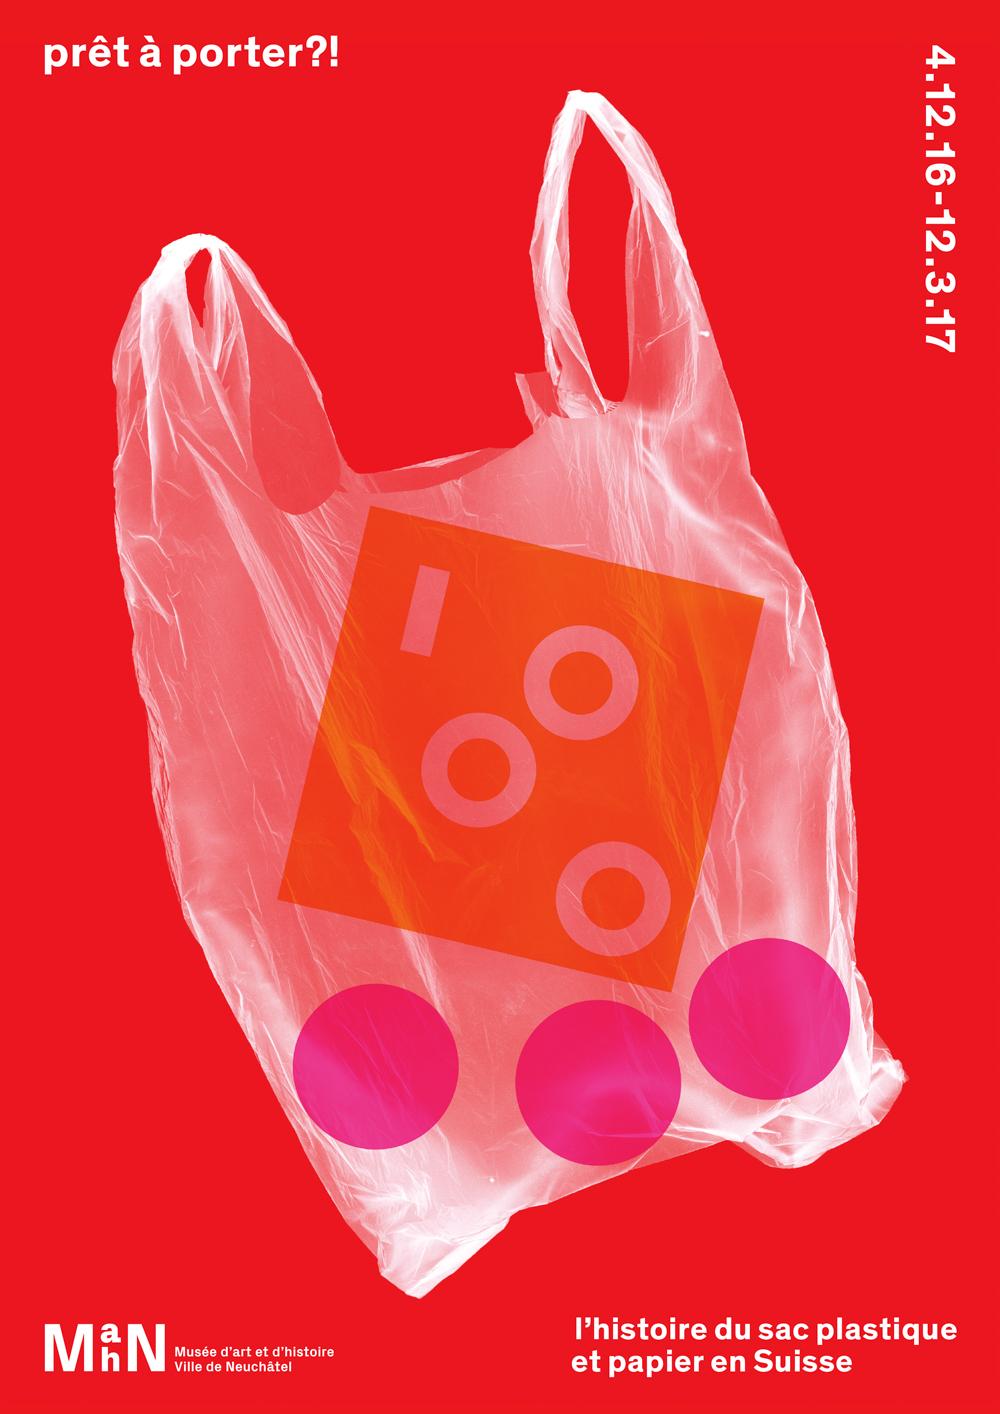 """Affiche de l'exposition """"Prêt à porter ?! l'histoire du sac plastique et papier en Suisse"""""""